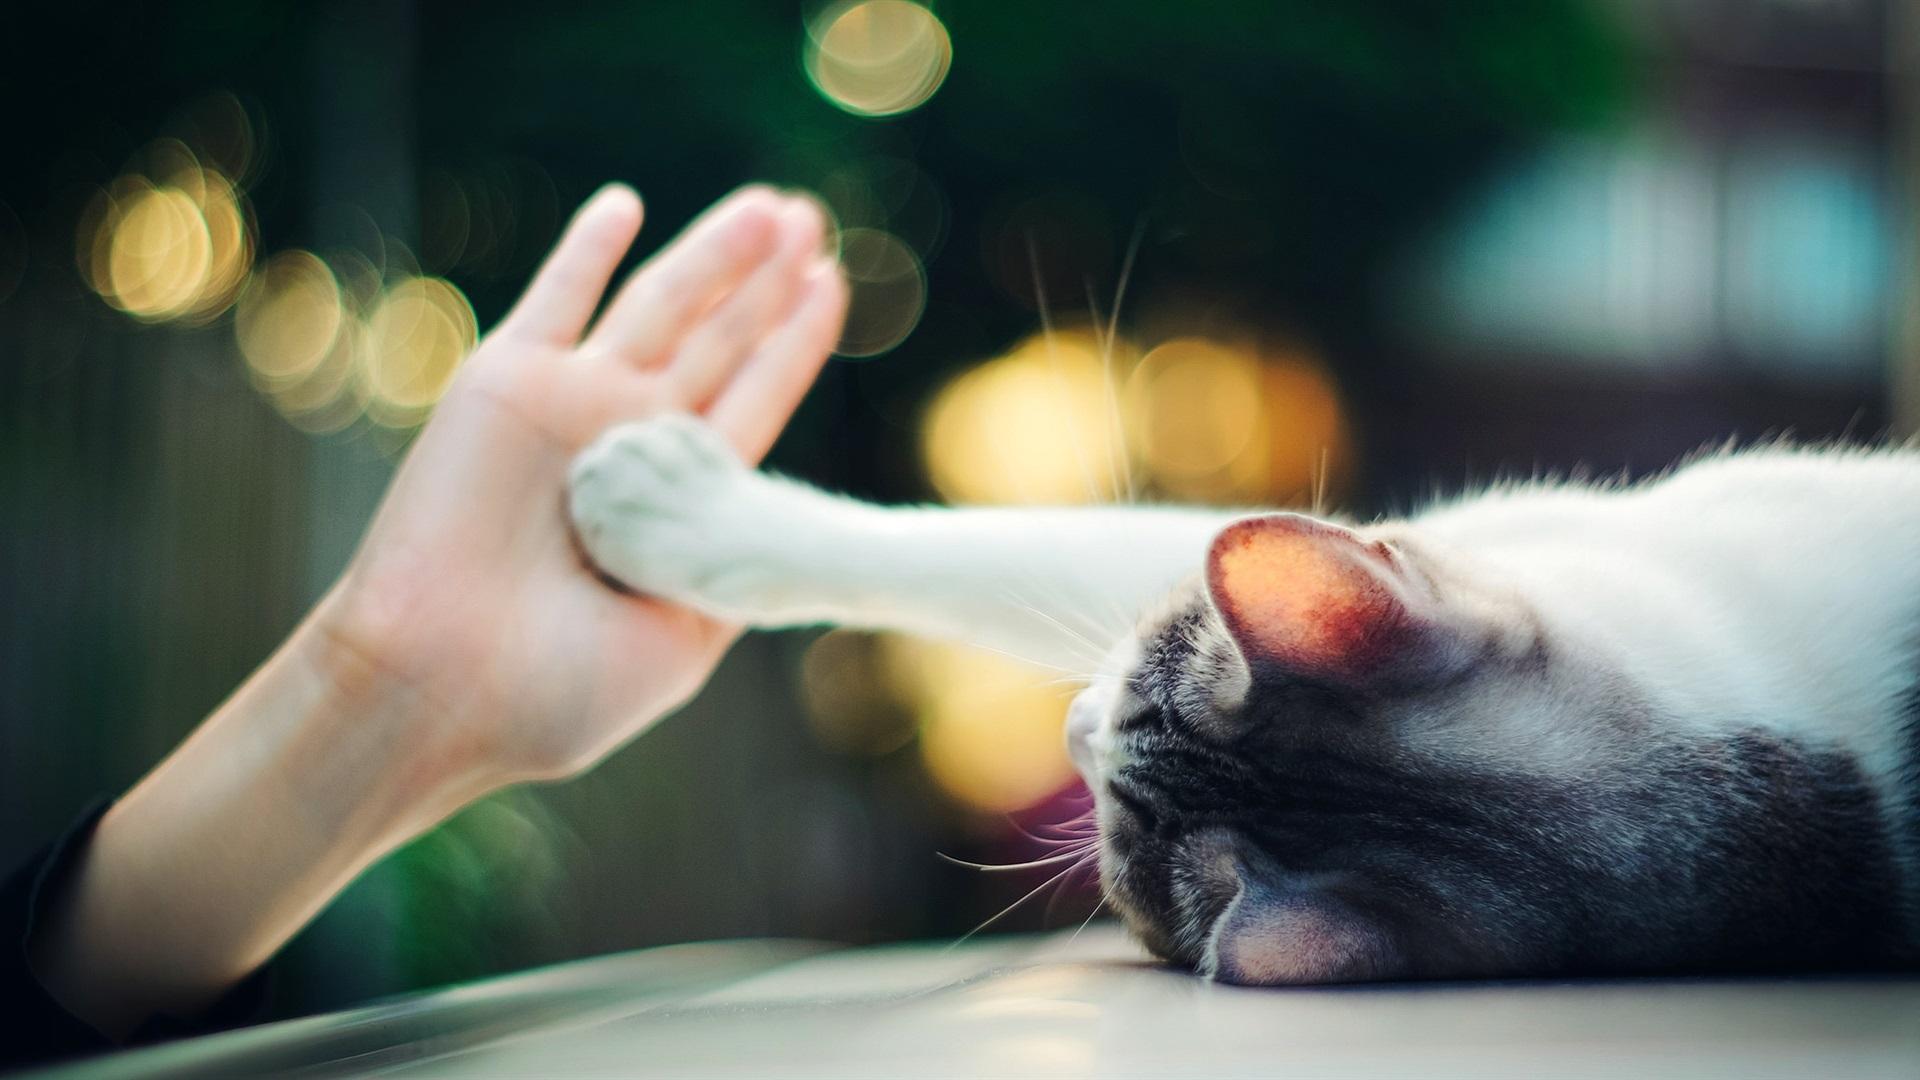 тарифы поездки почему кот лапой трогает мои глаза автографами